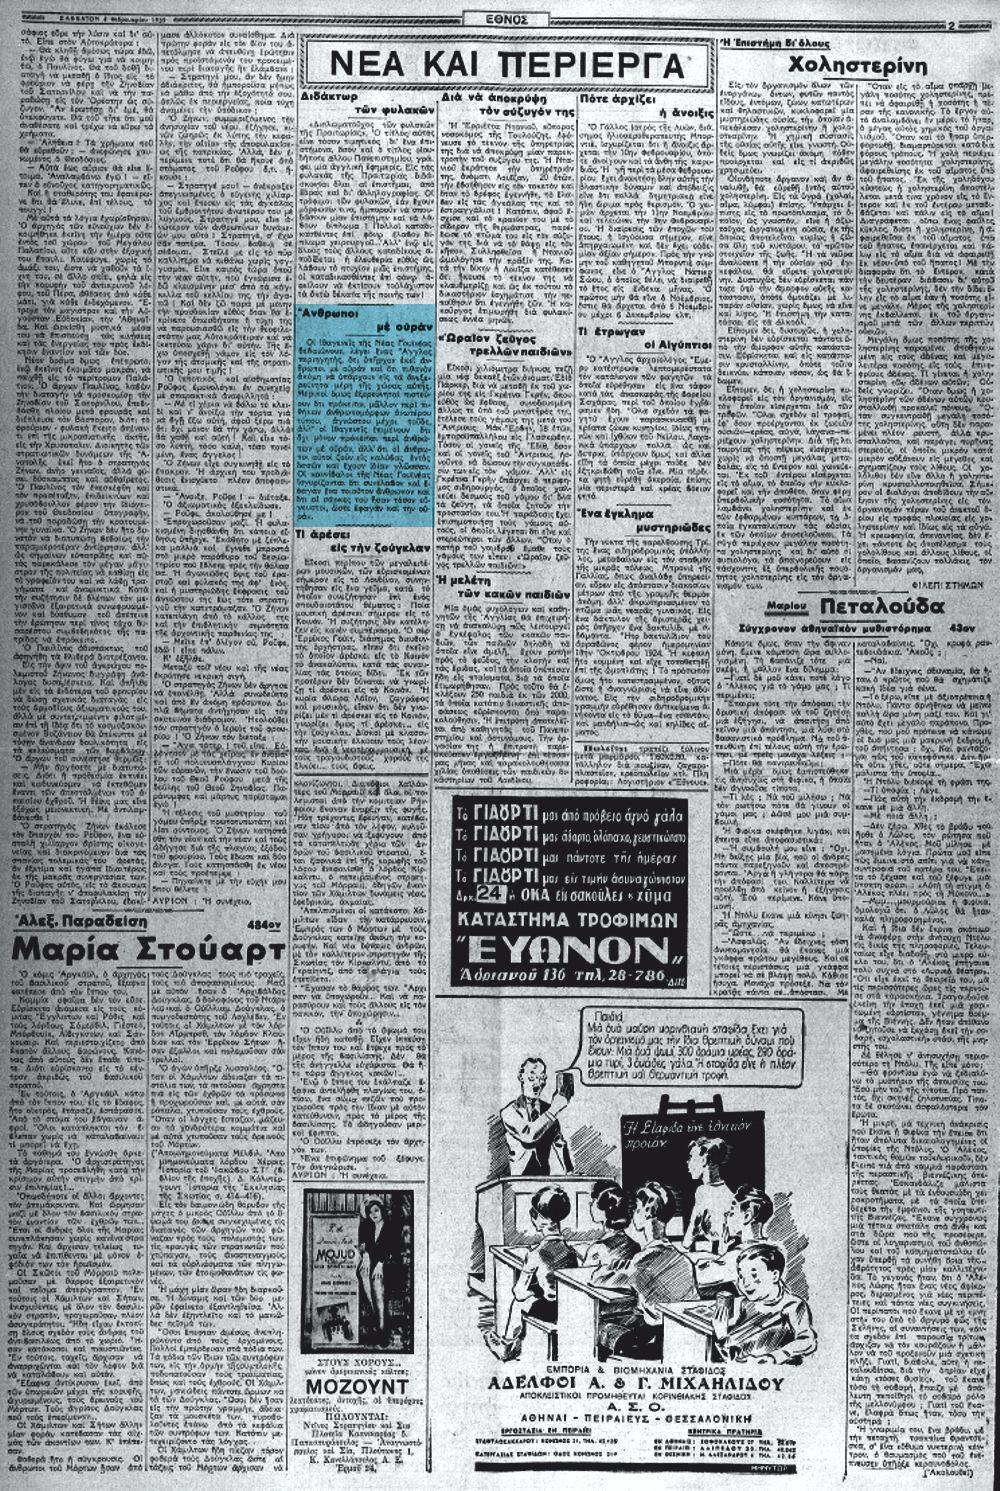 """Το άρθρο, όπως δημοσιεύθηκε στην εφημερίδα """"ΕΘΝΟΣ"""", στις 04/02/1939"""